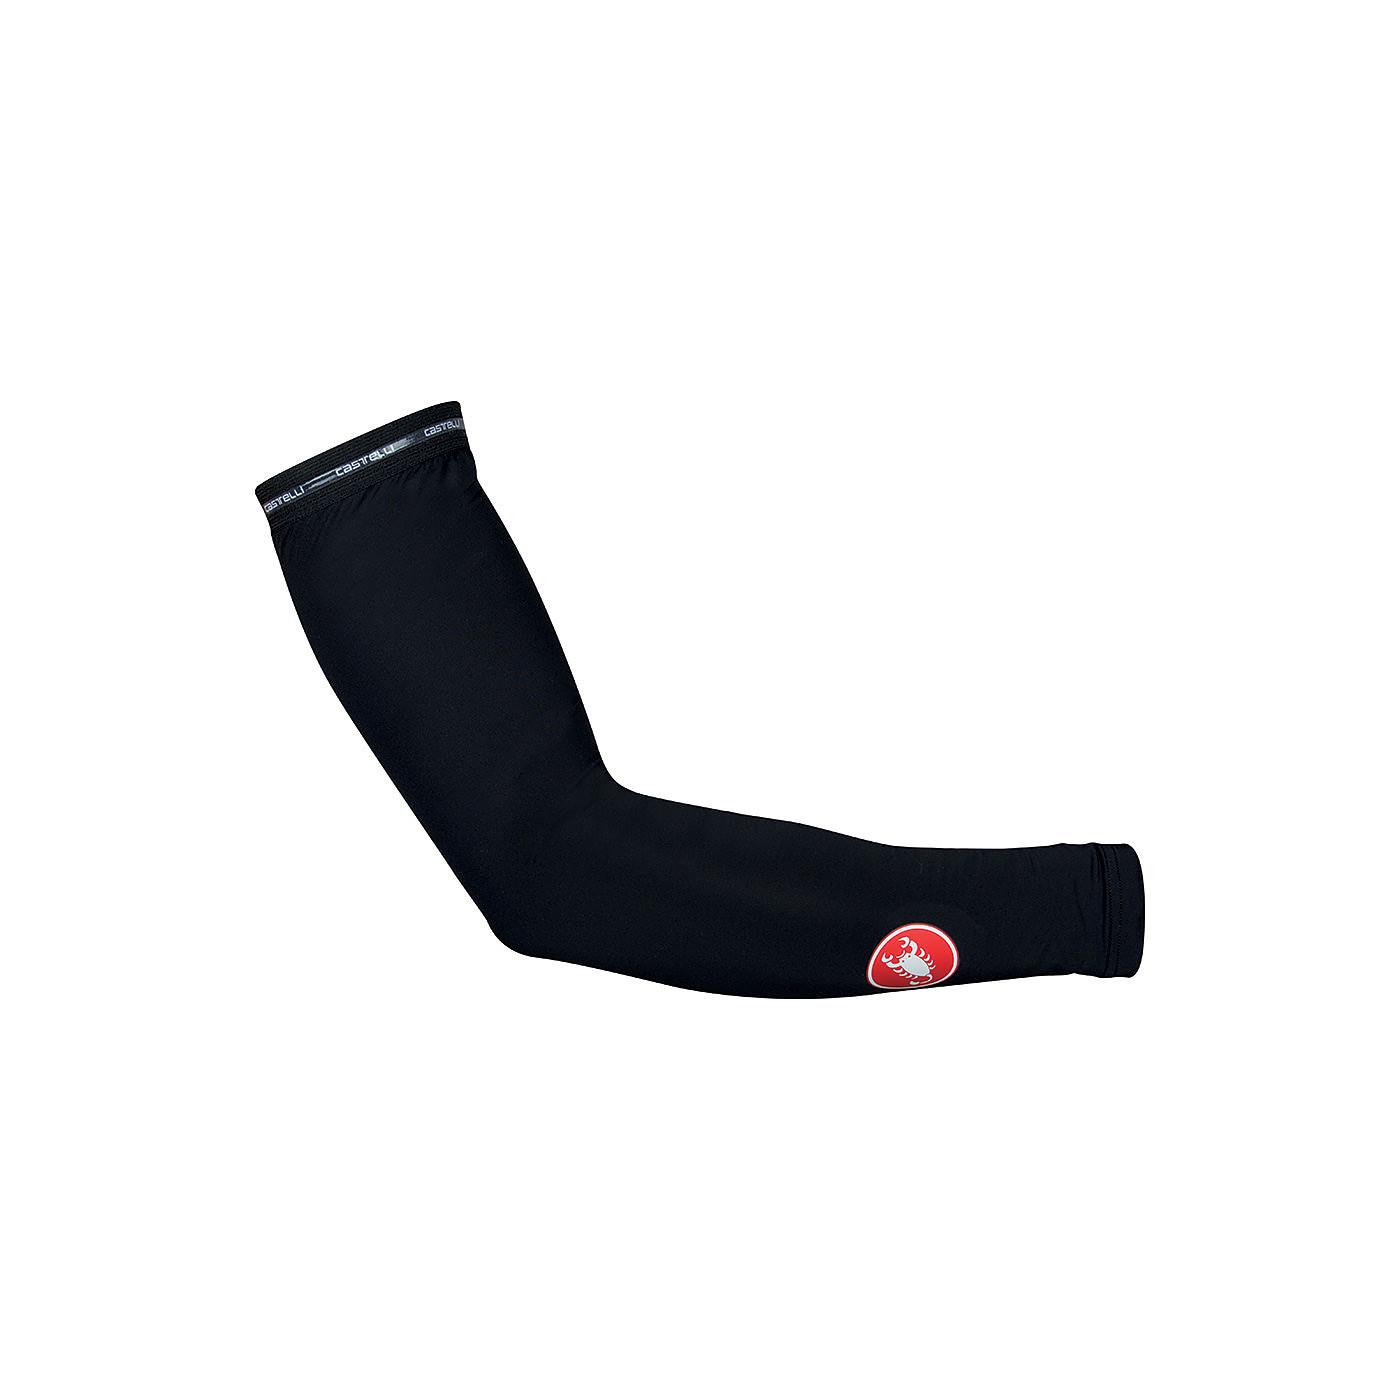 CASTELLI(カステリ)UPF 50+ ARM SLEEVES ブラック L